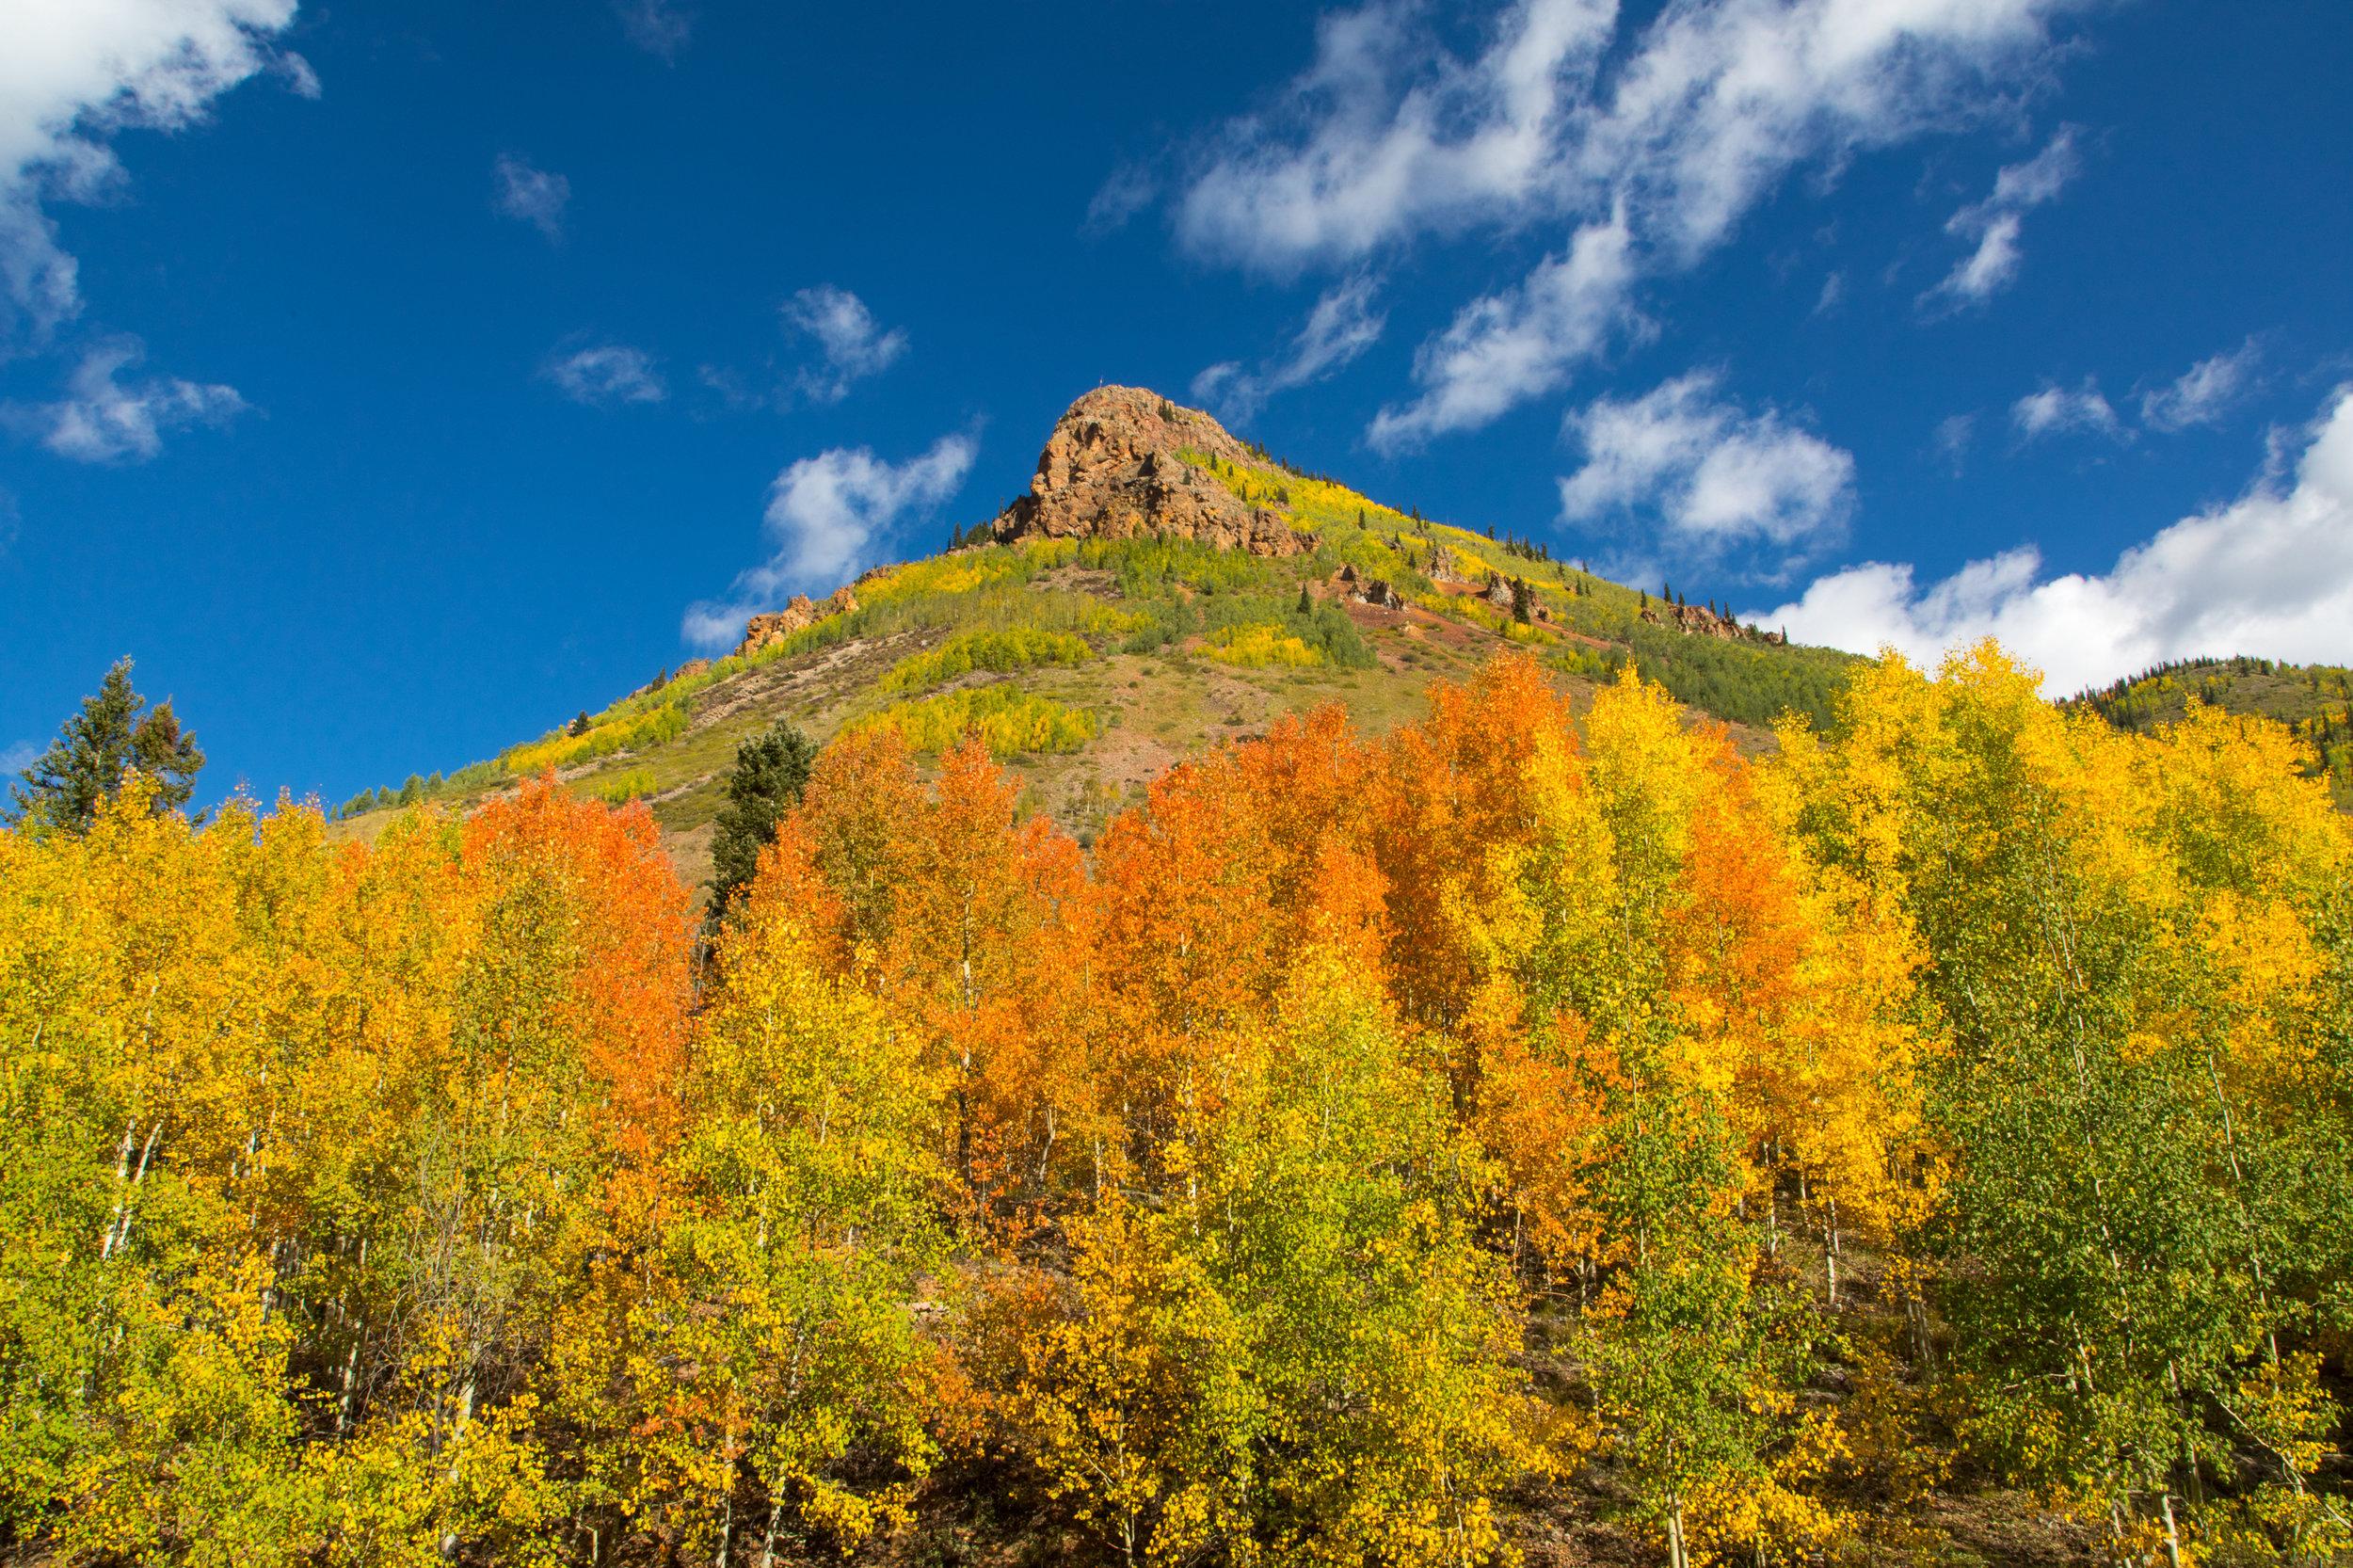 Silverton, Colorado, Image # 9472